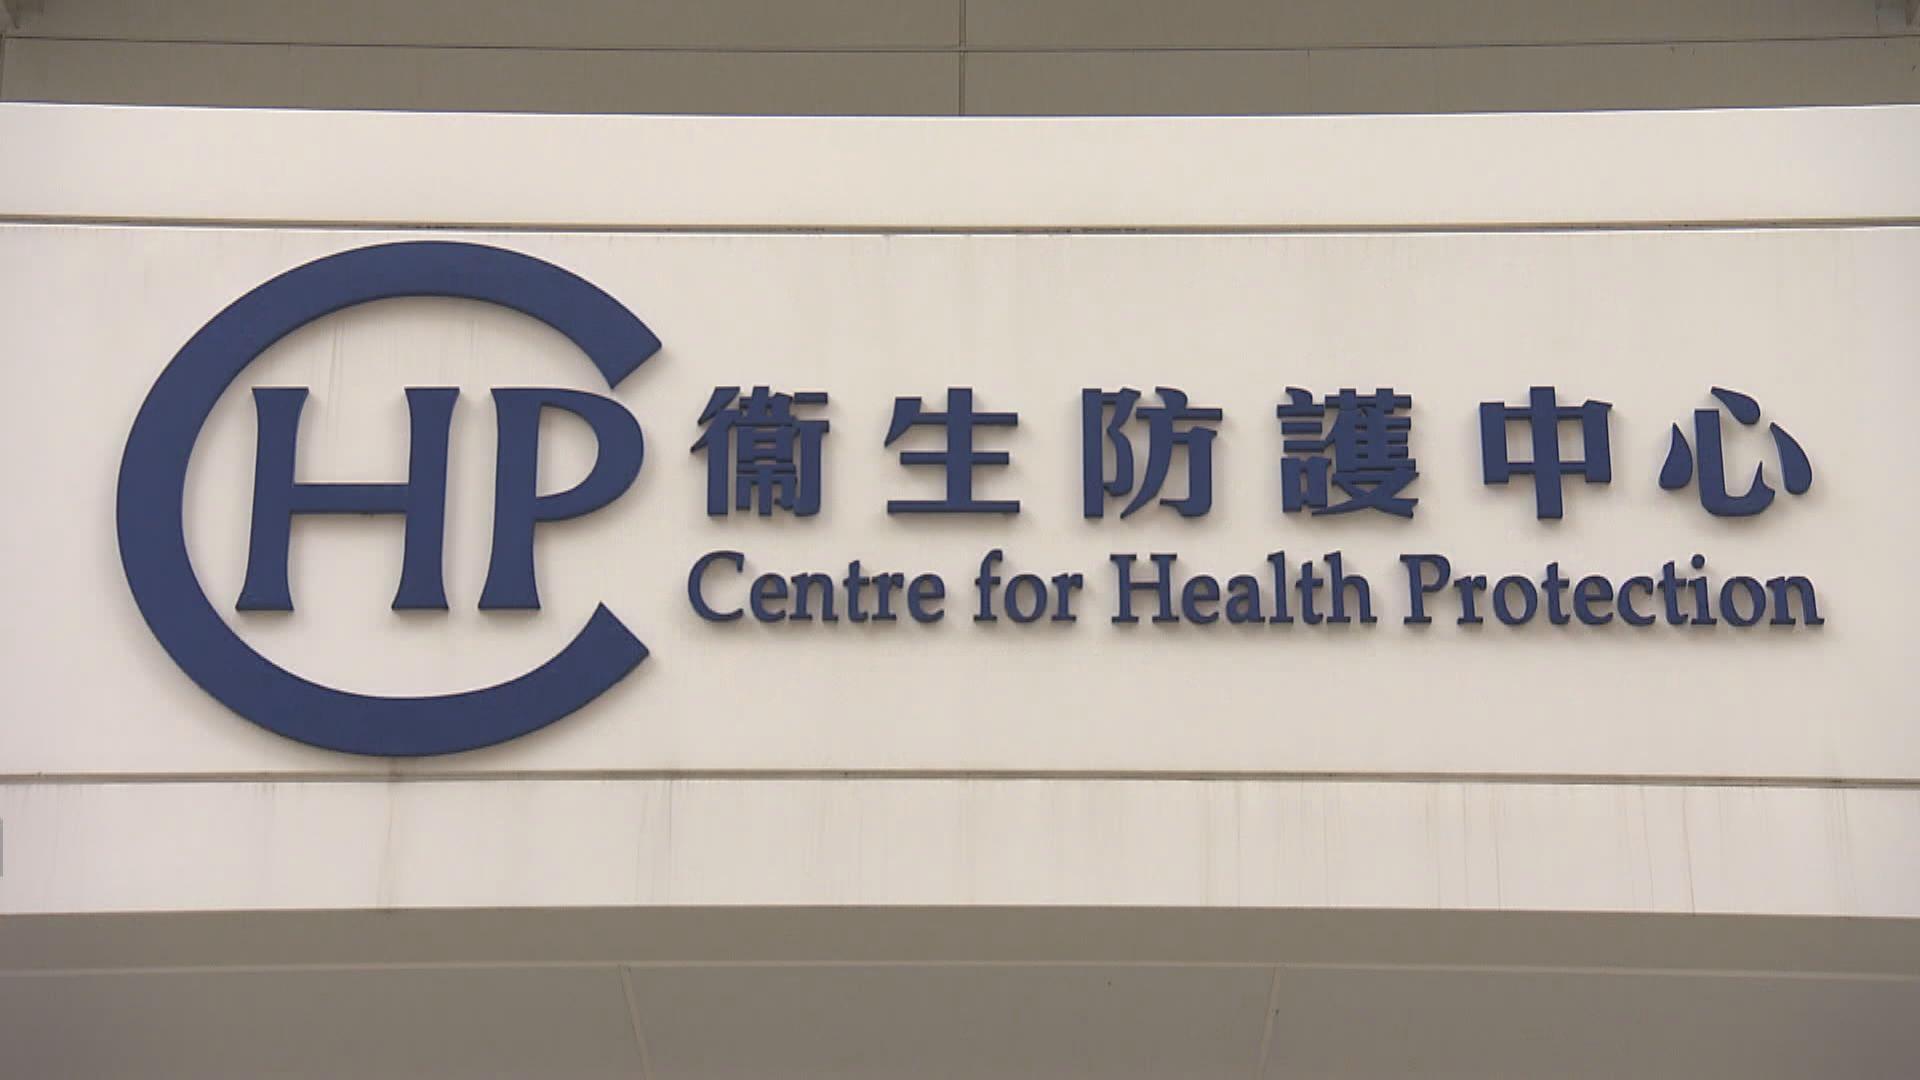 防護中心籲有病徵市民不應參與普及檢測 避免交叉感染